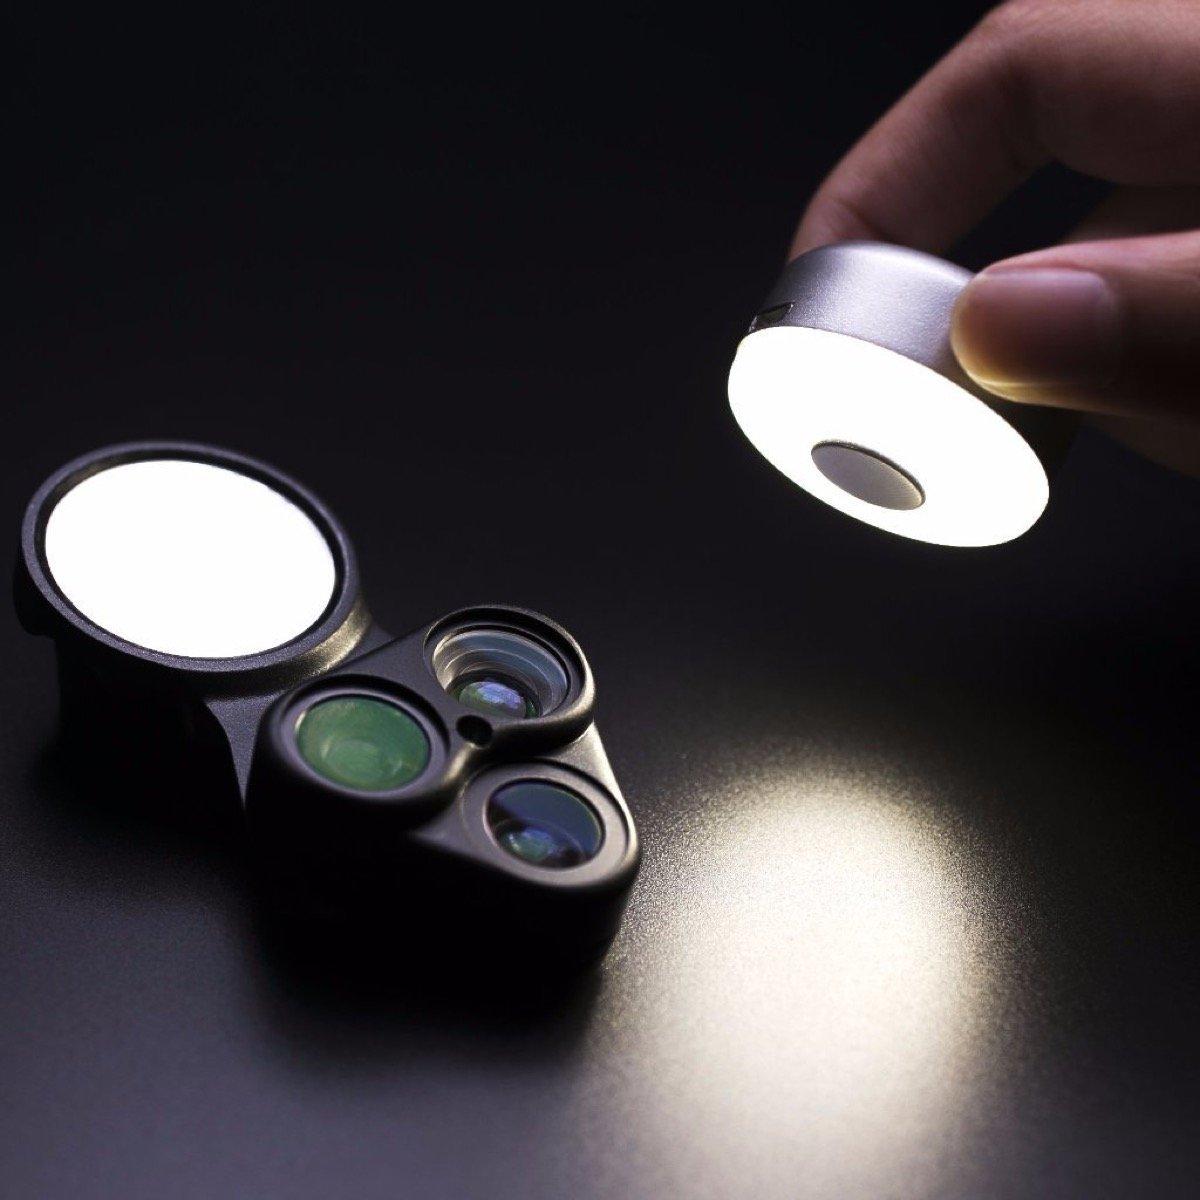 RevolCam 3-in-1 Lens